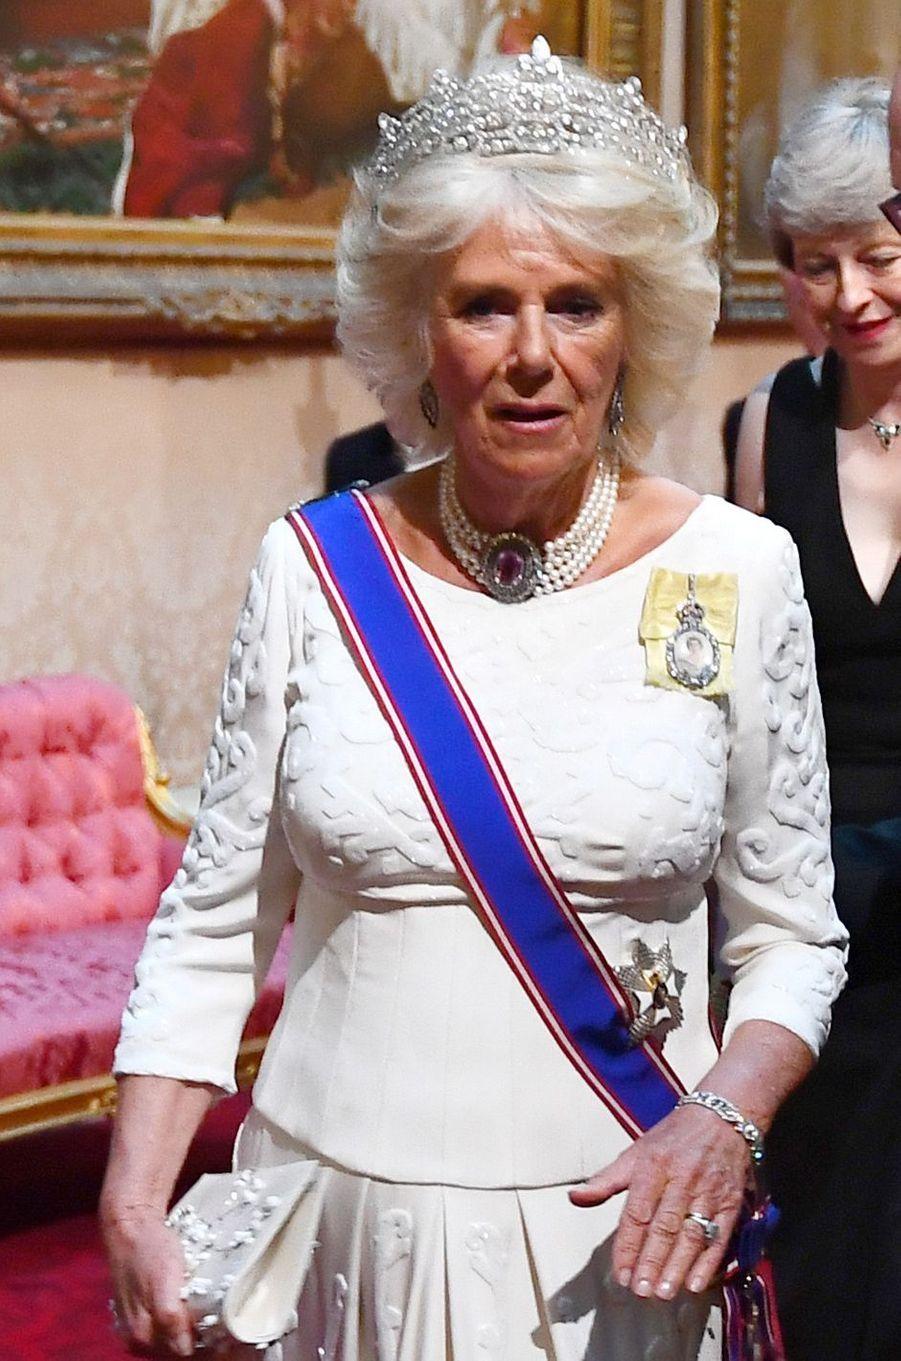 Détail de la robe de la duchesse de Cornouailles Camilla, à Londres le 3 juin 2019